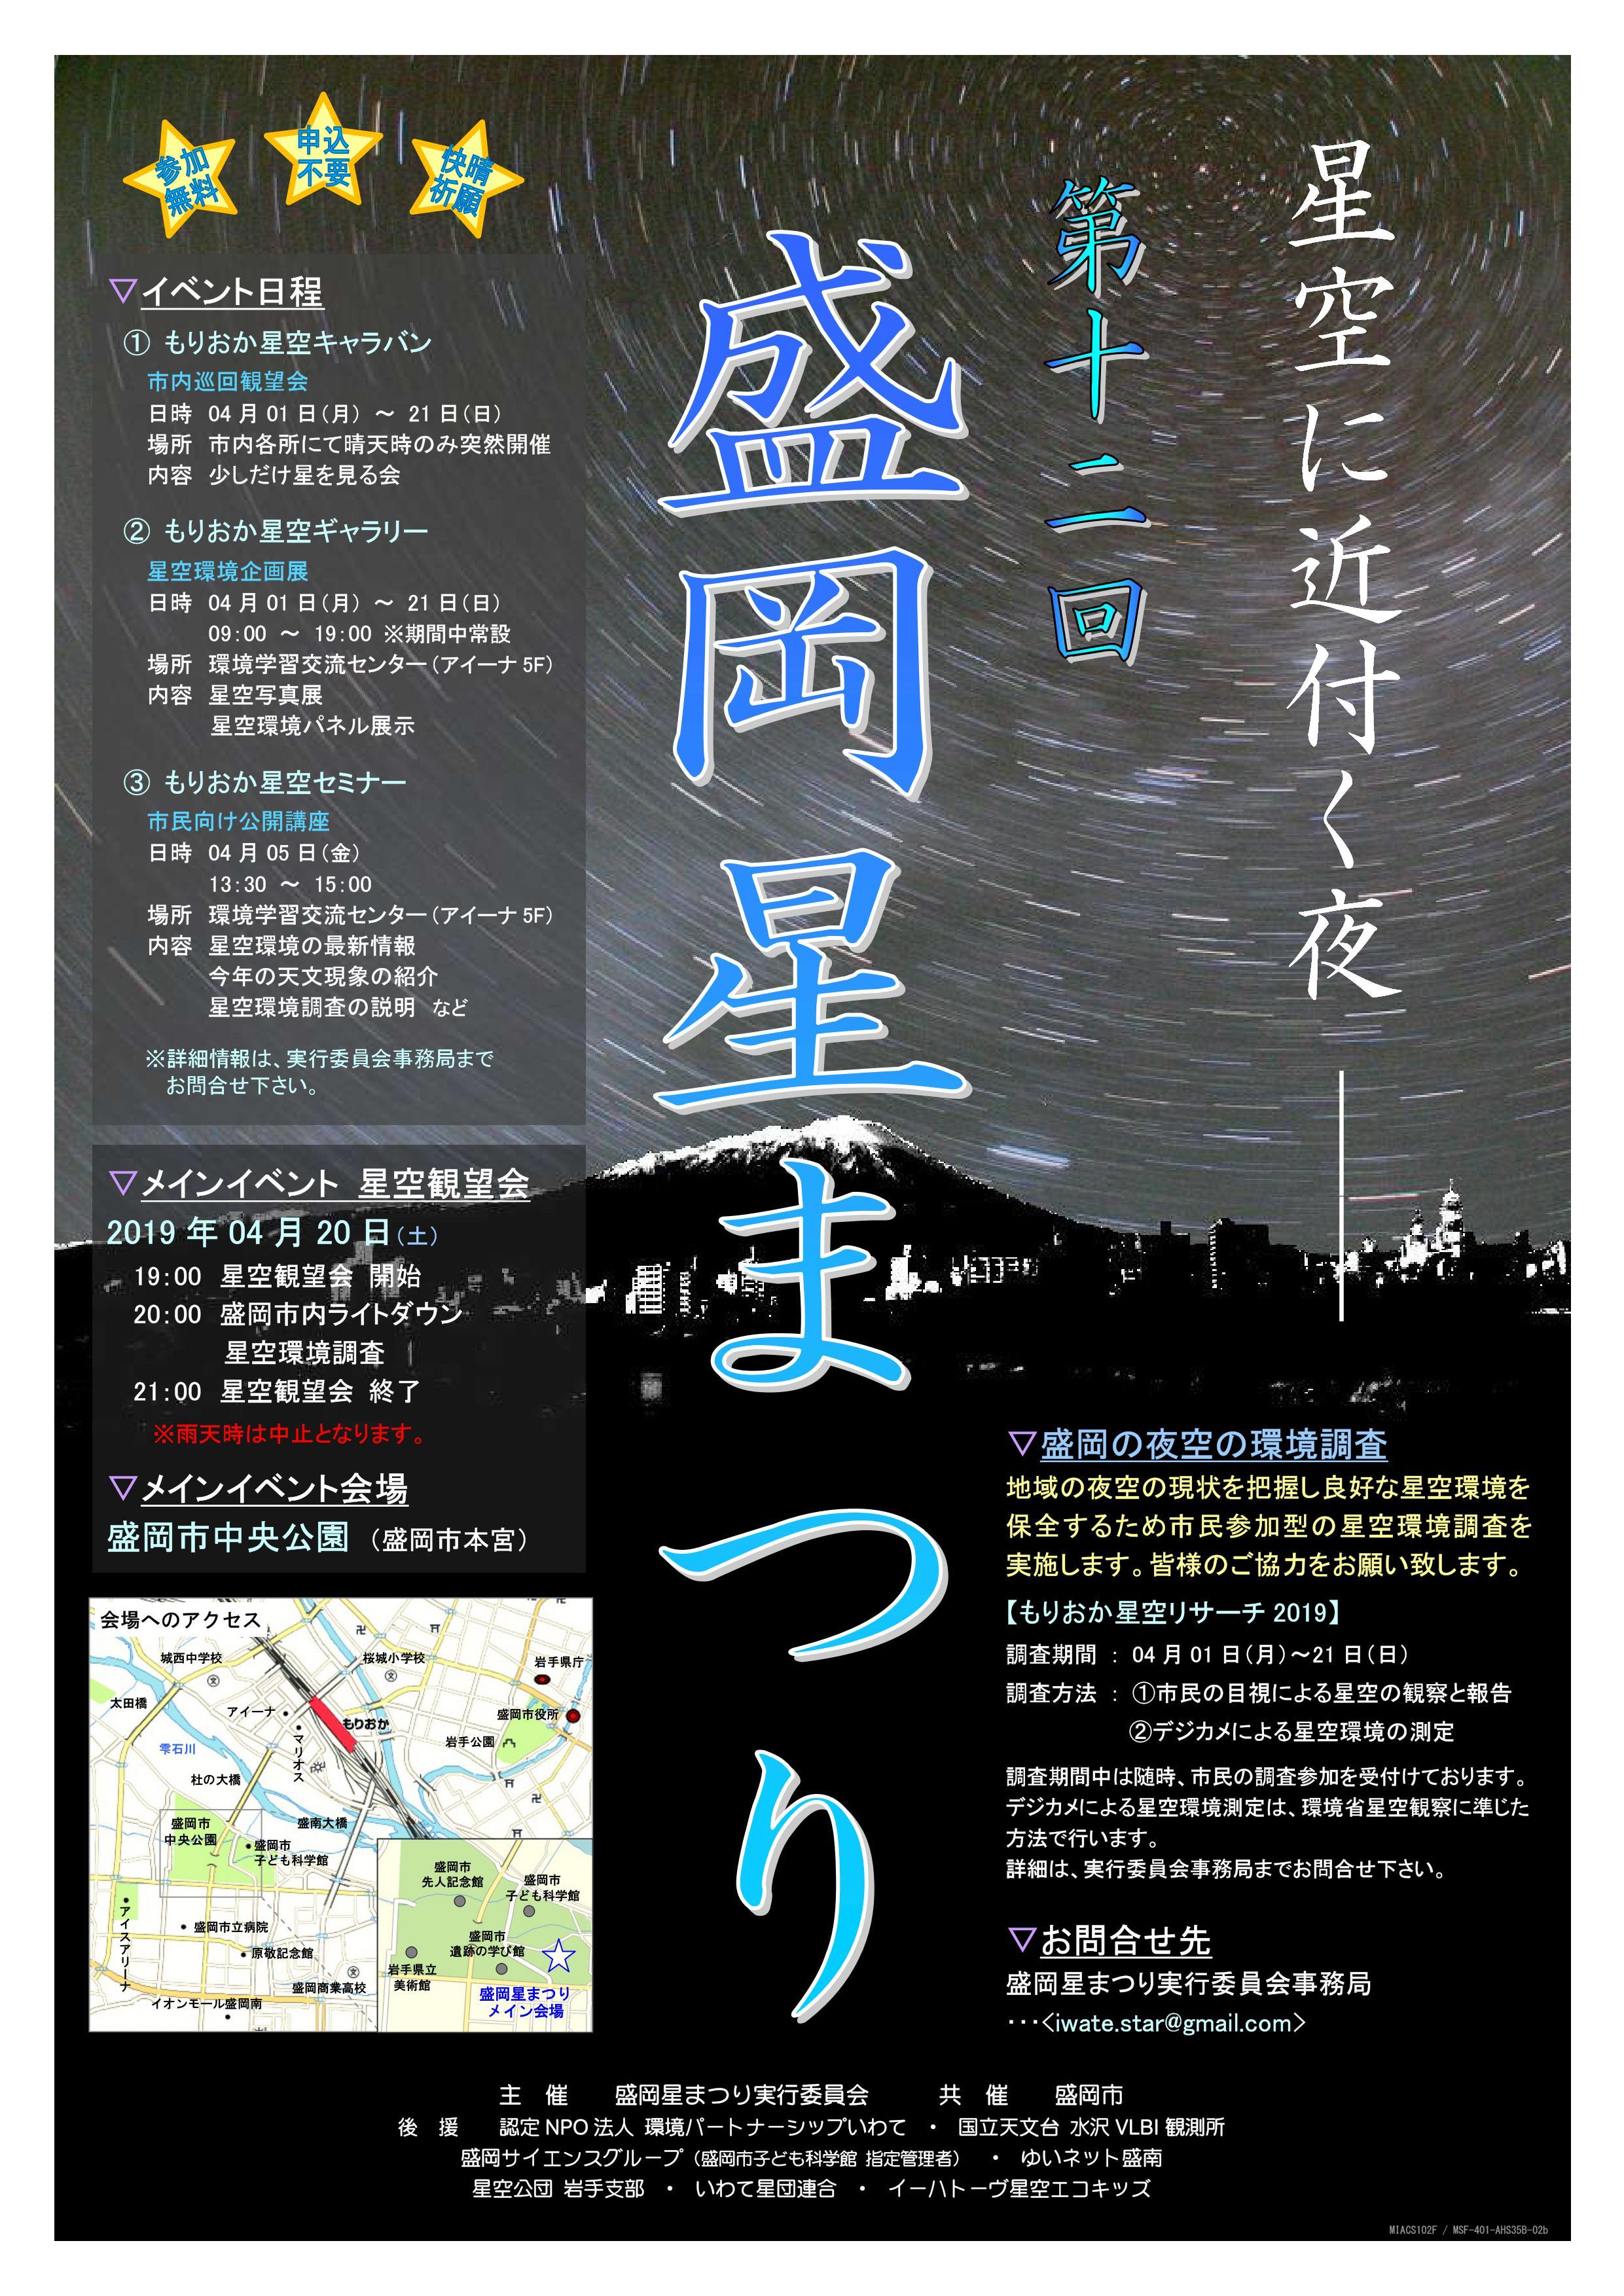 http://blog.iwate-eco.jp/2019/04/02/0001.jpg